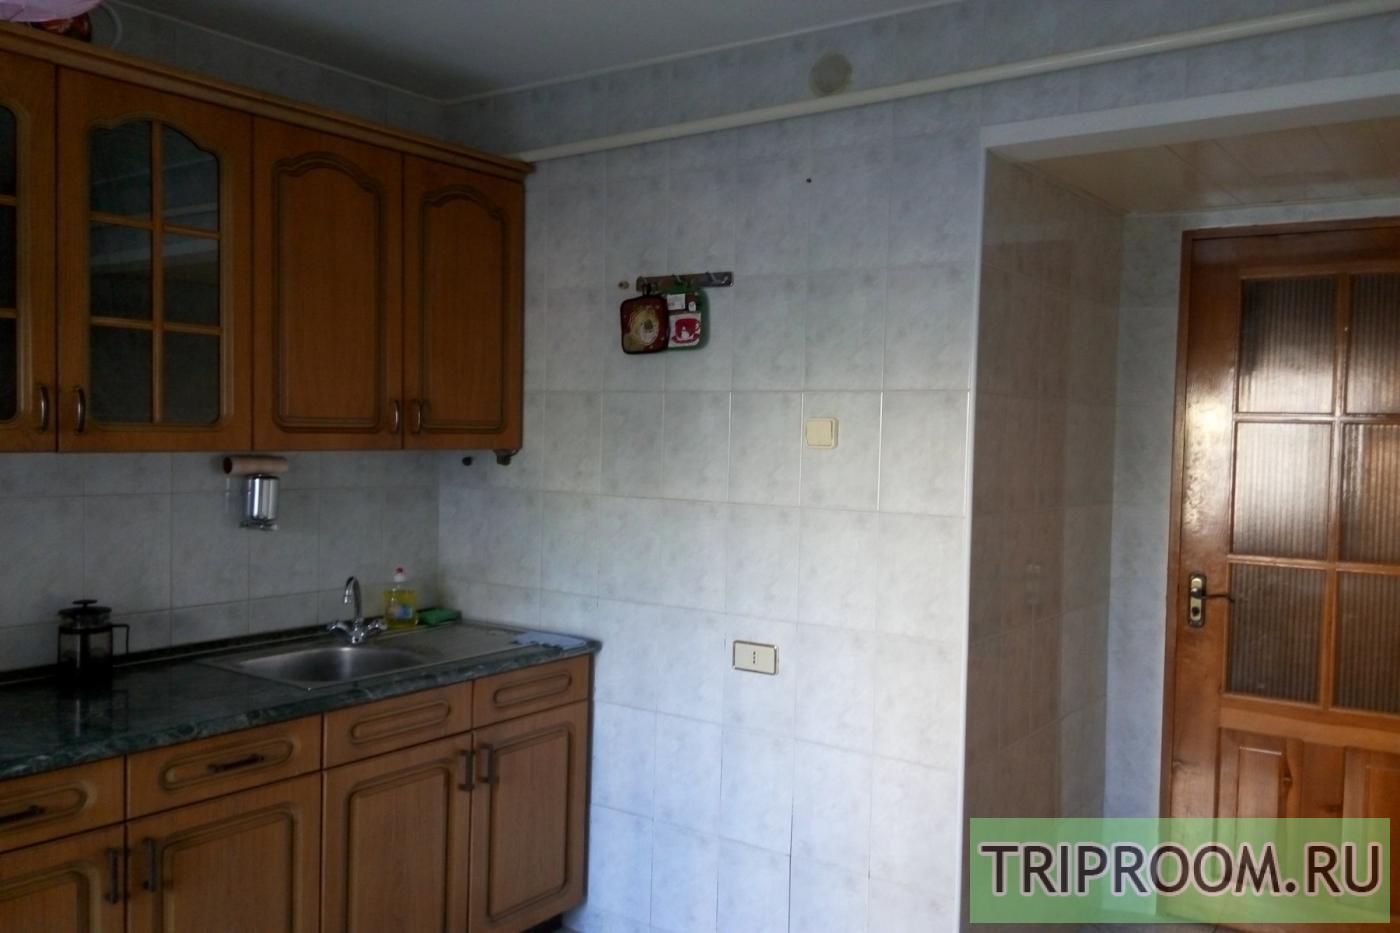 2-комнатная квартира посуточно (вариант № 22242), ул. Голубинская улица, фото № 3